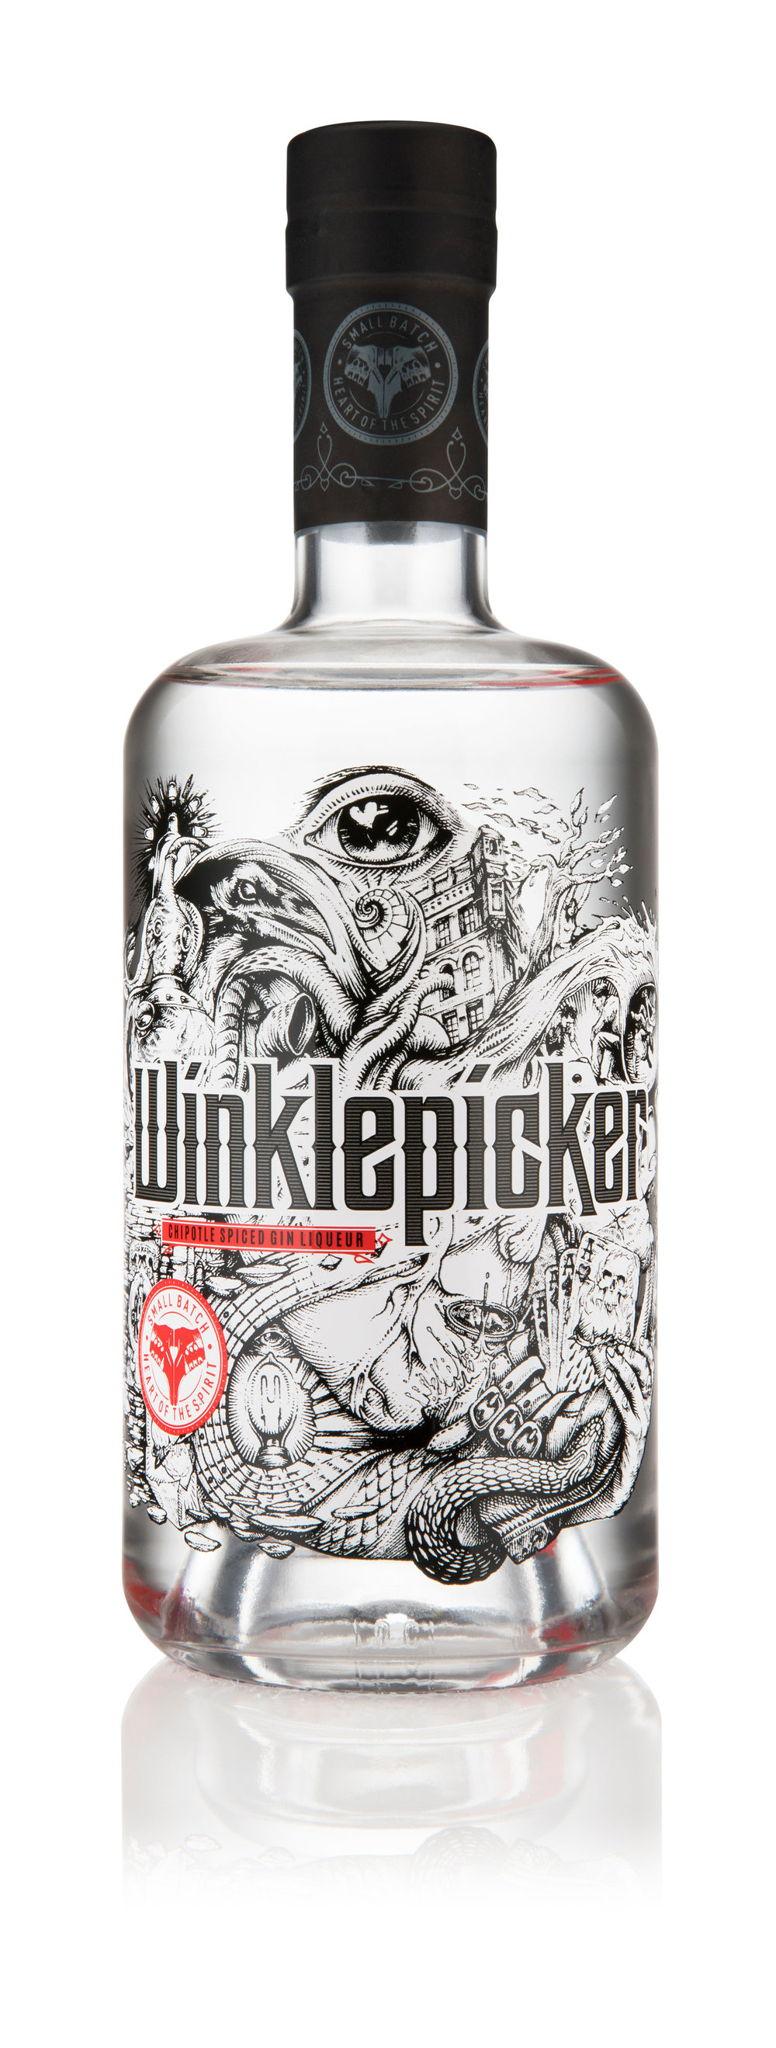 Winklepicker_gin_front_white.jpg